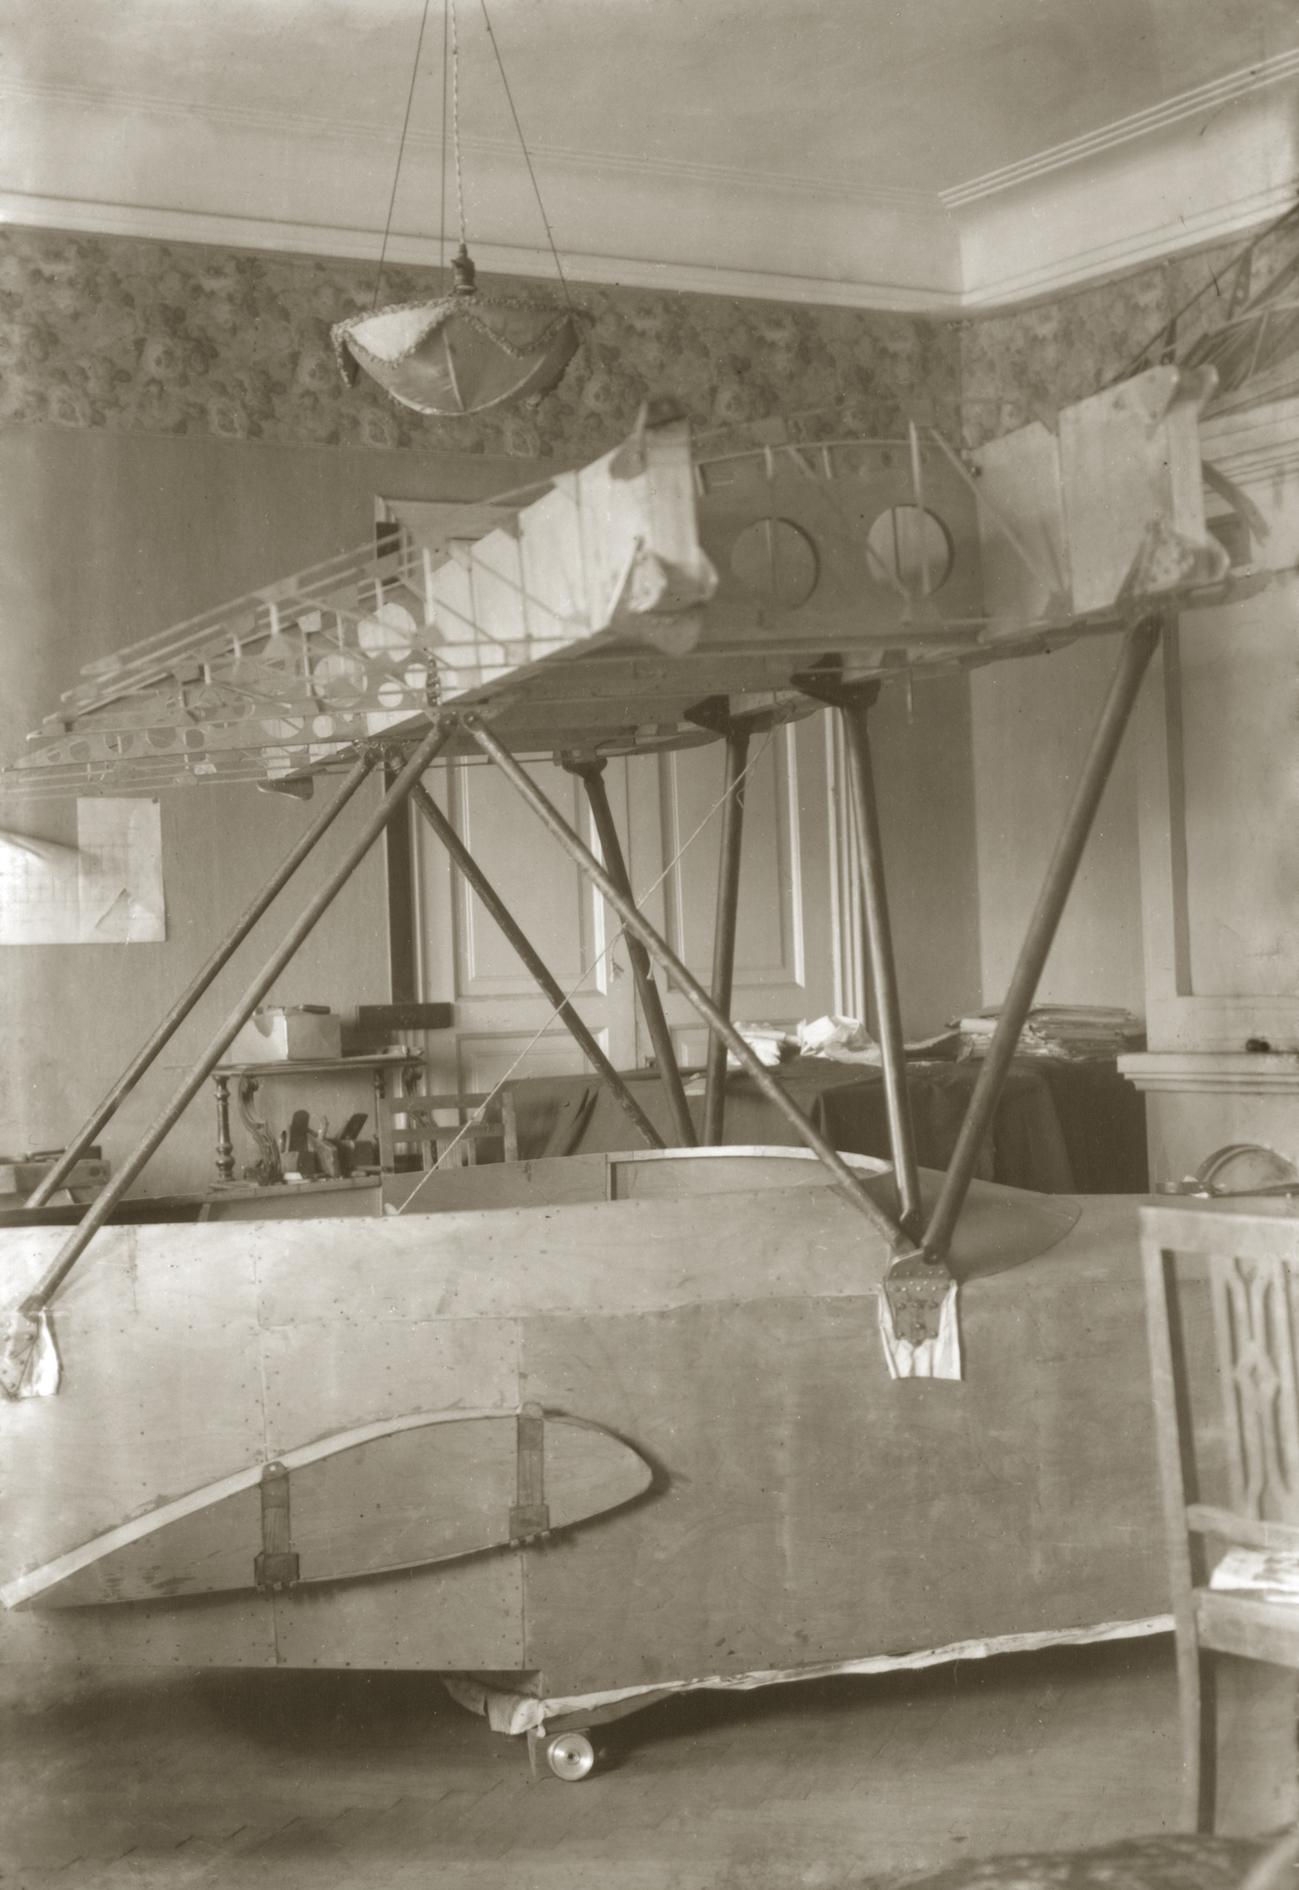 Создание самолета Ш-1 в коммунальной квартире Корвин-Кебера